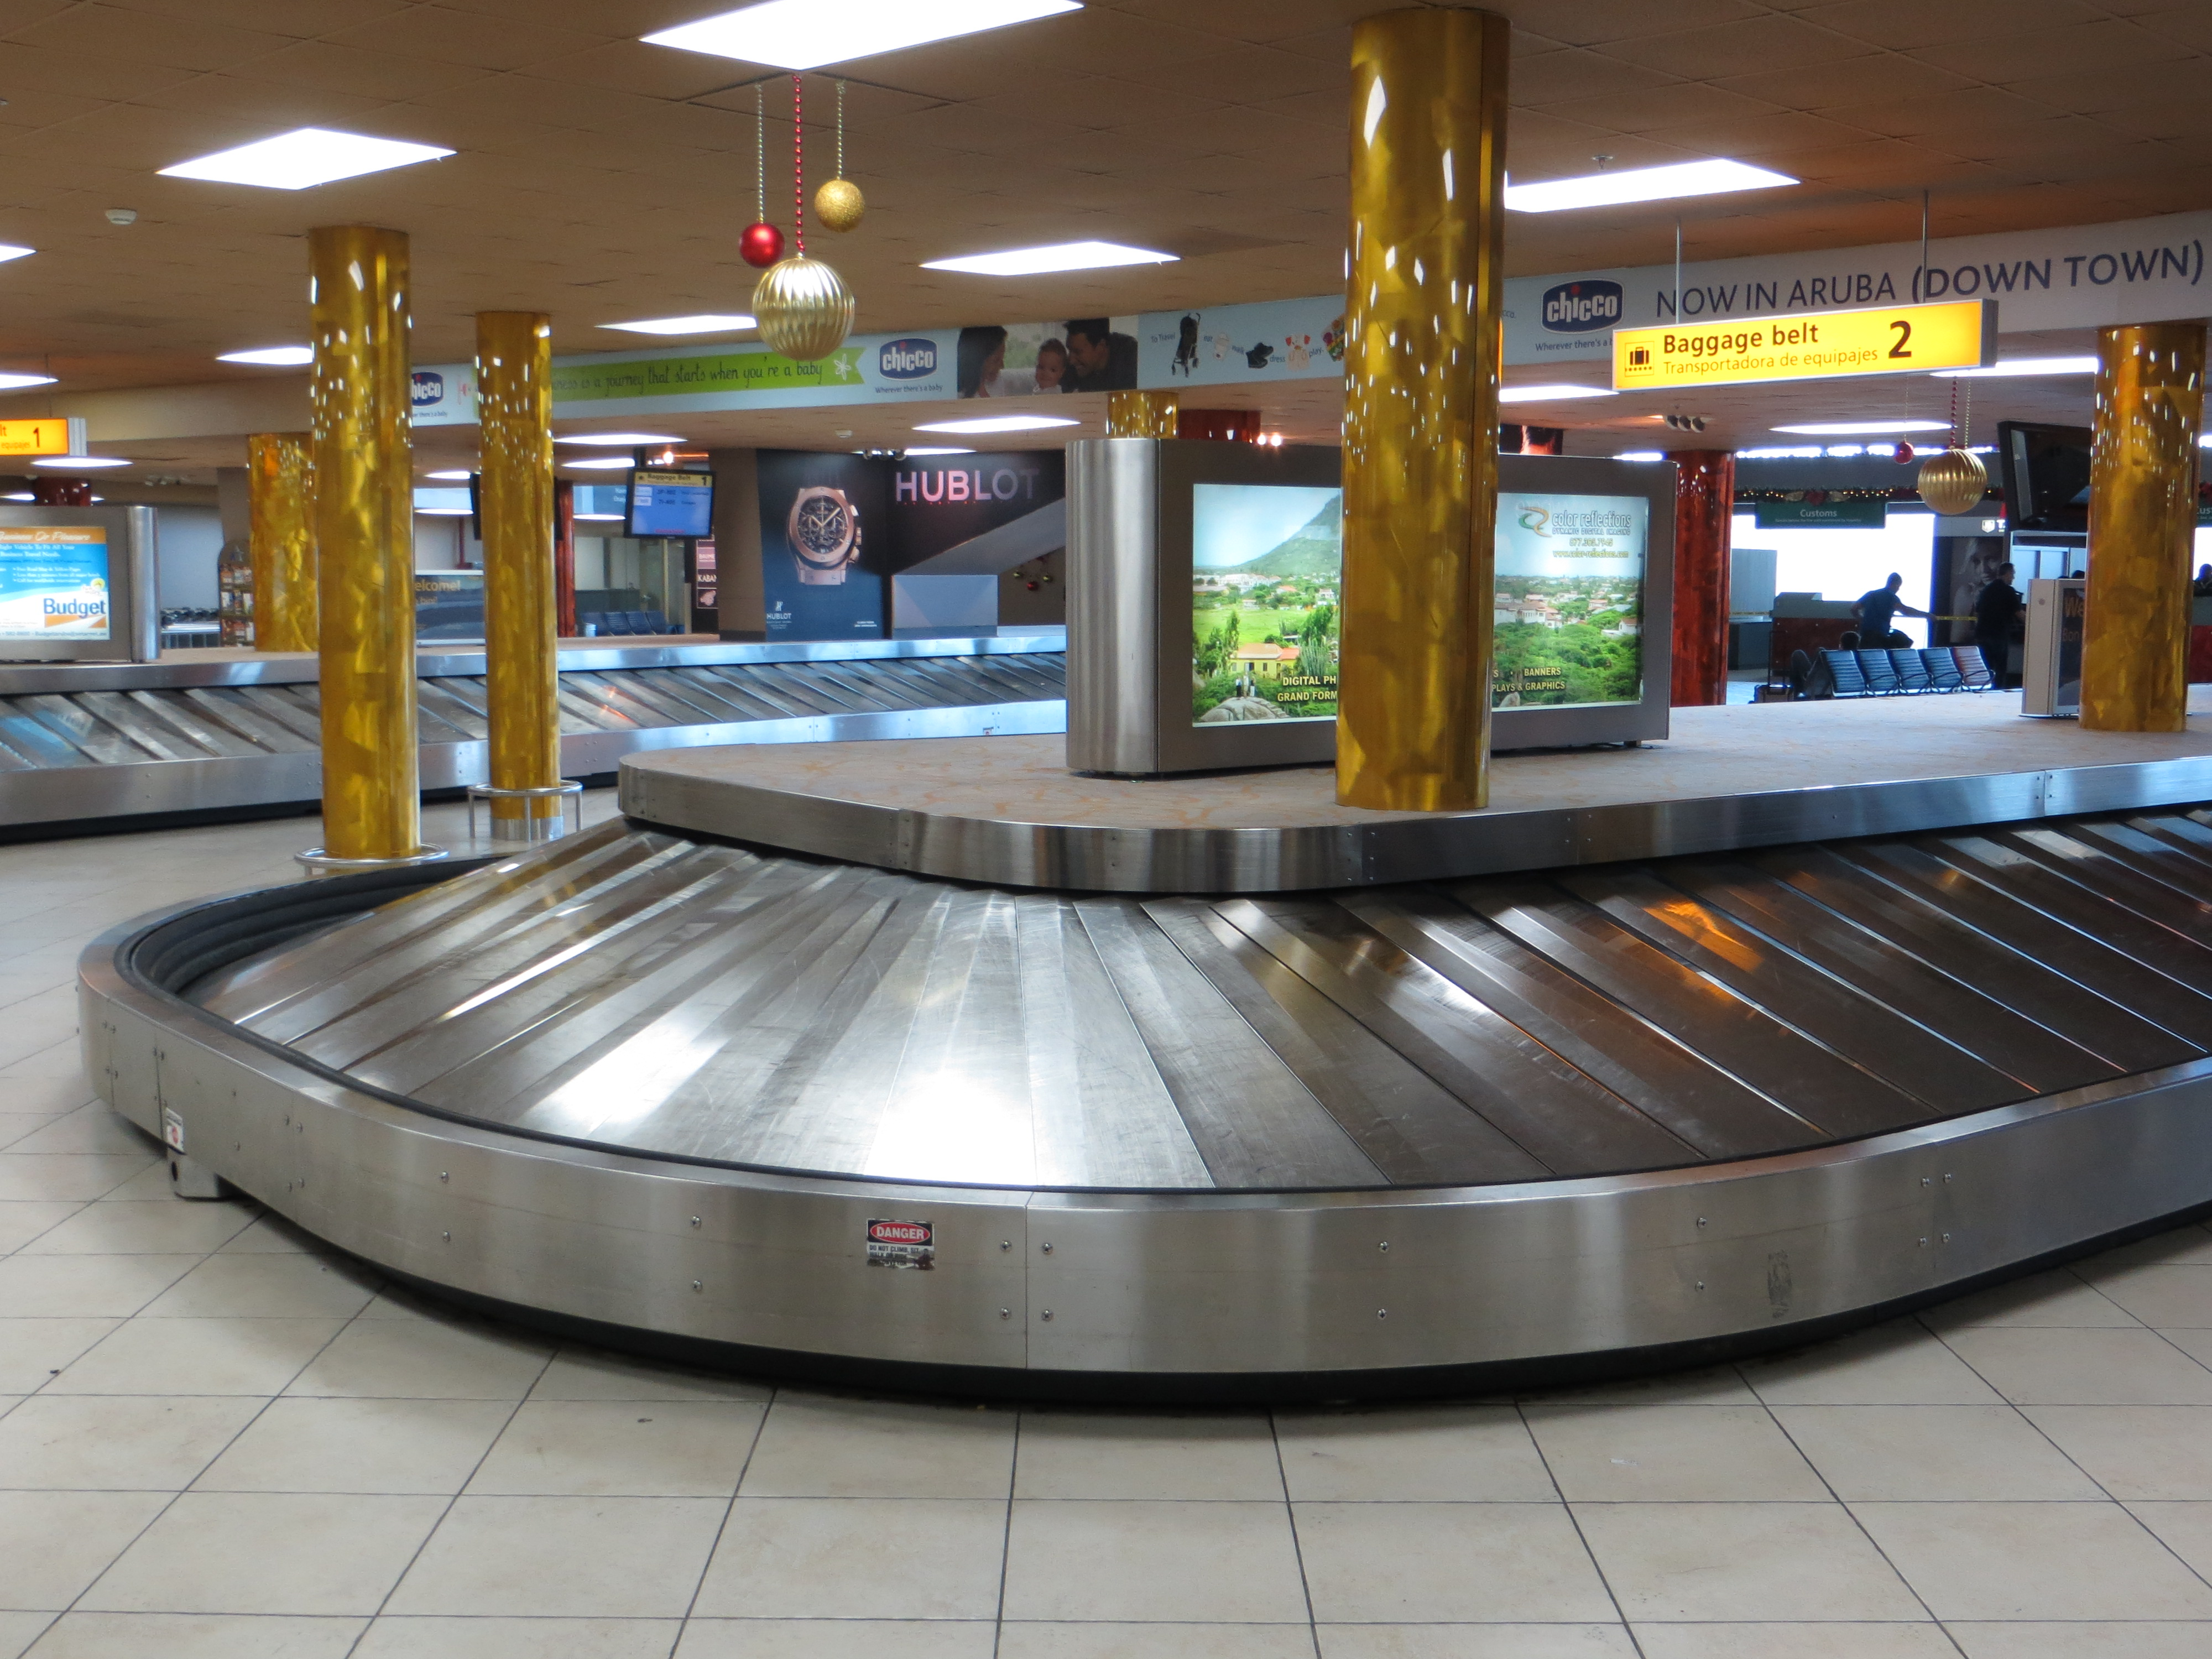 File:AUA baggage claim.JPG - Wikimedia Commons